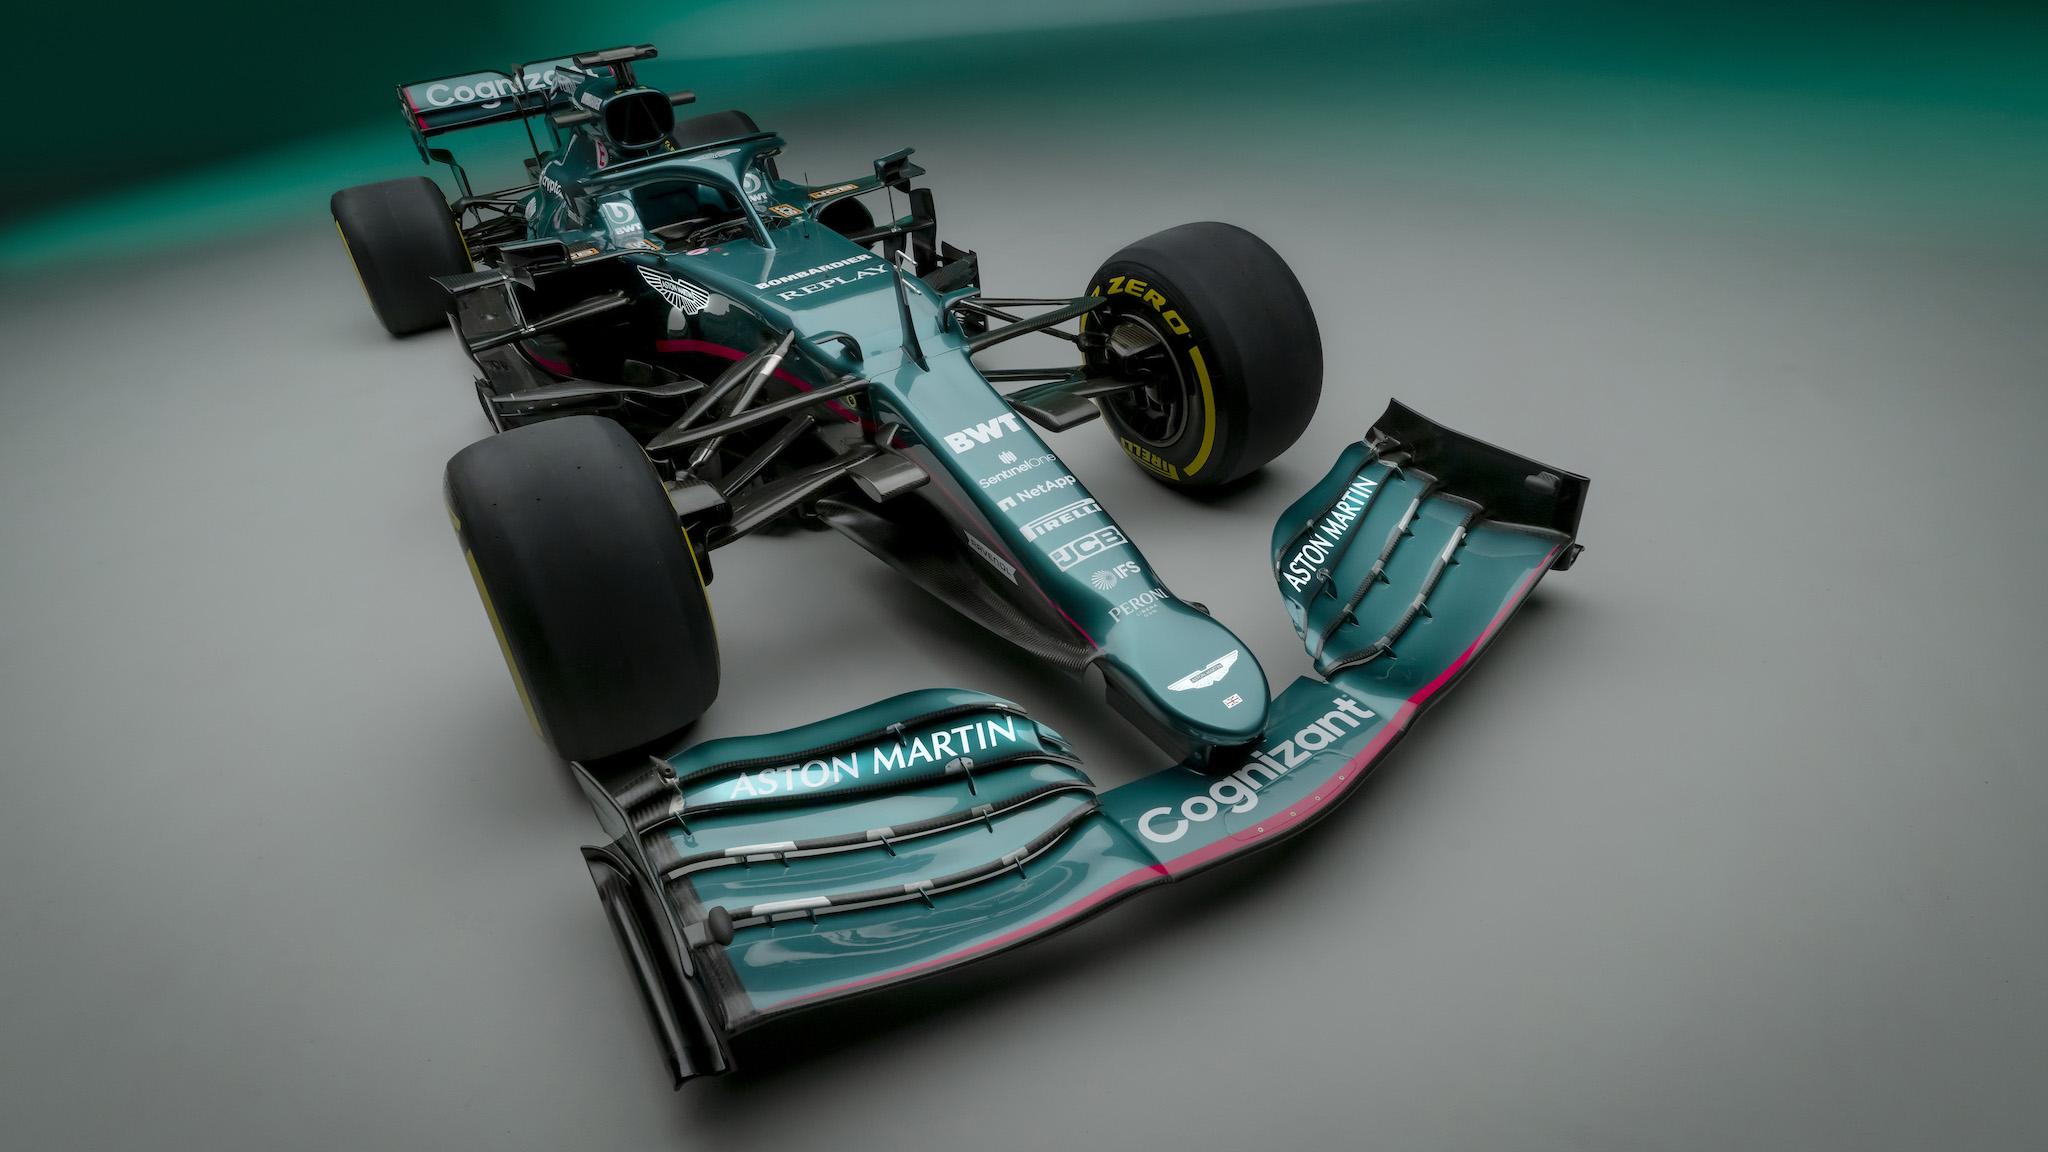 英國賽車綠回歸!Aston Martin 發表全新 F1 賽車